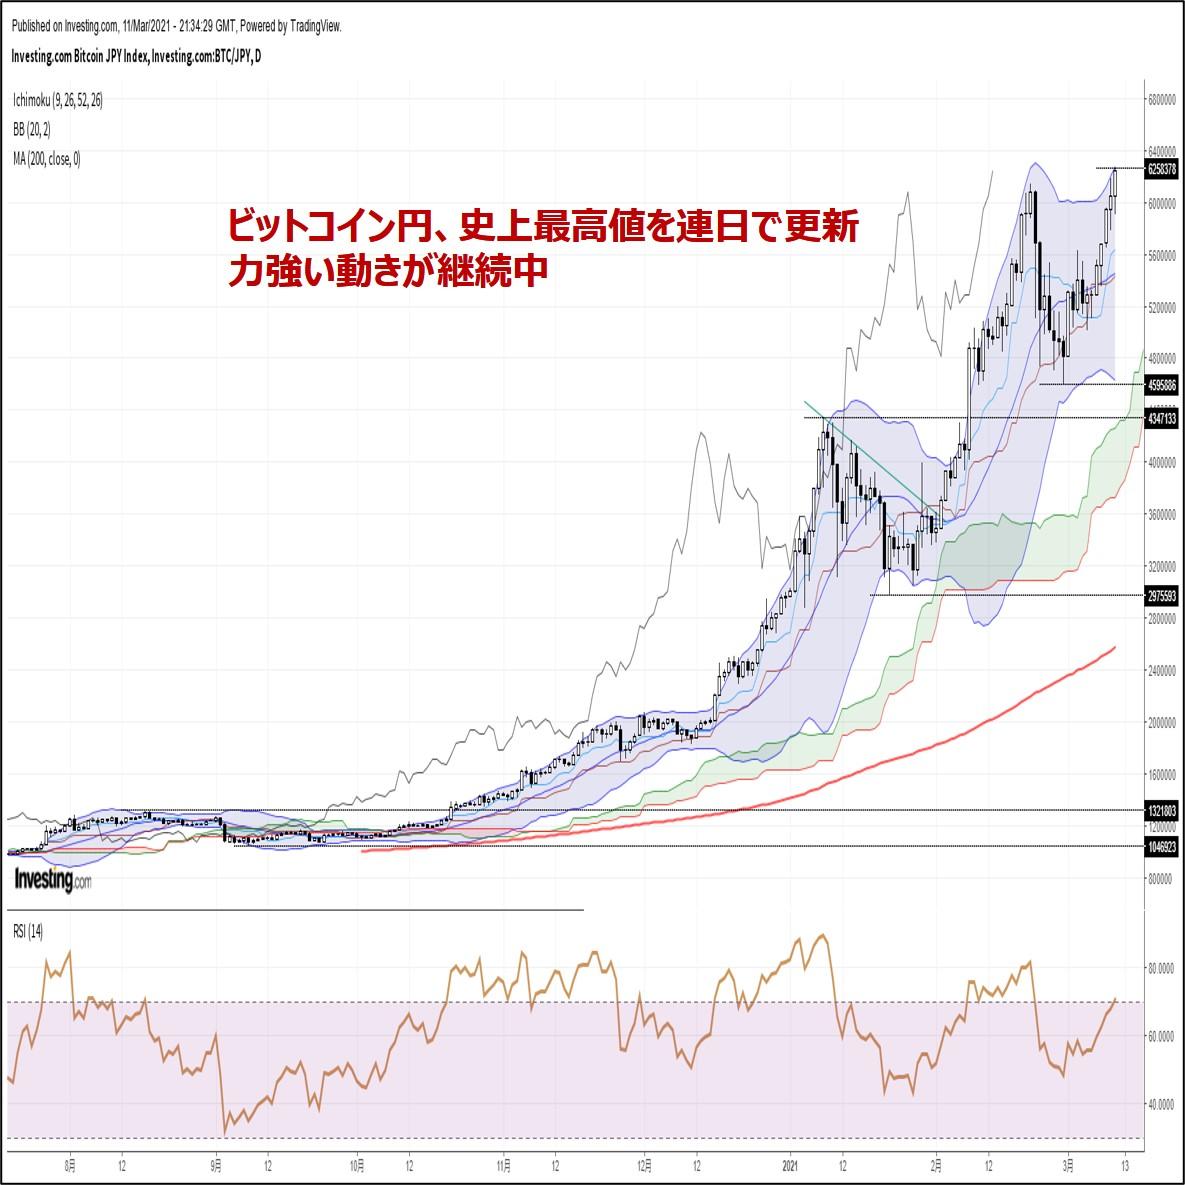 ビットコイン円、史上最高値を連日で更新。力強い動きが継続中(3/12朝)